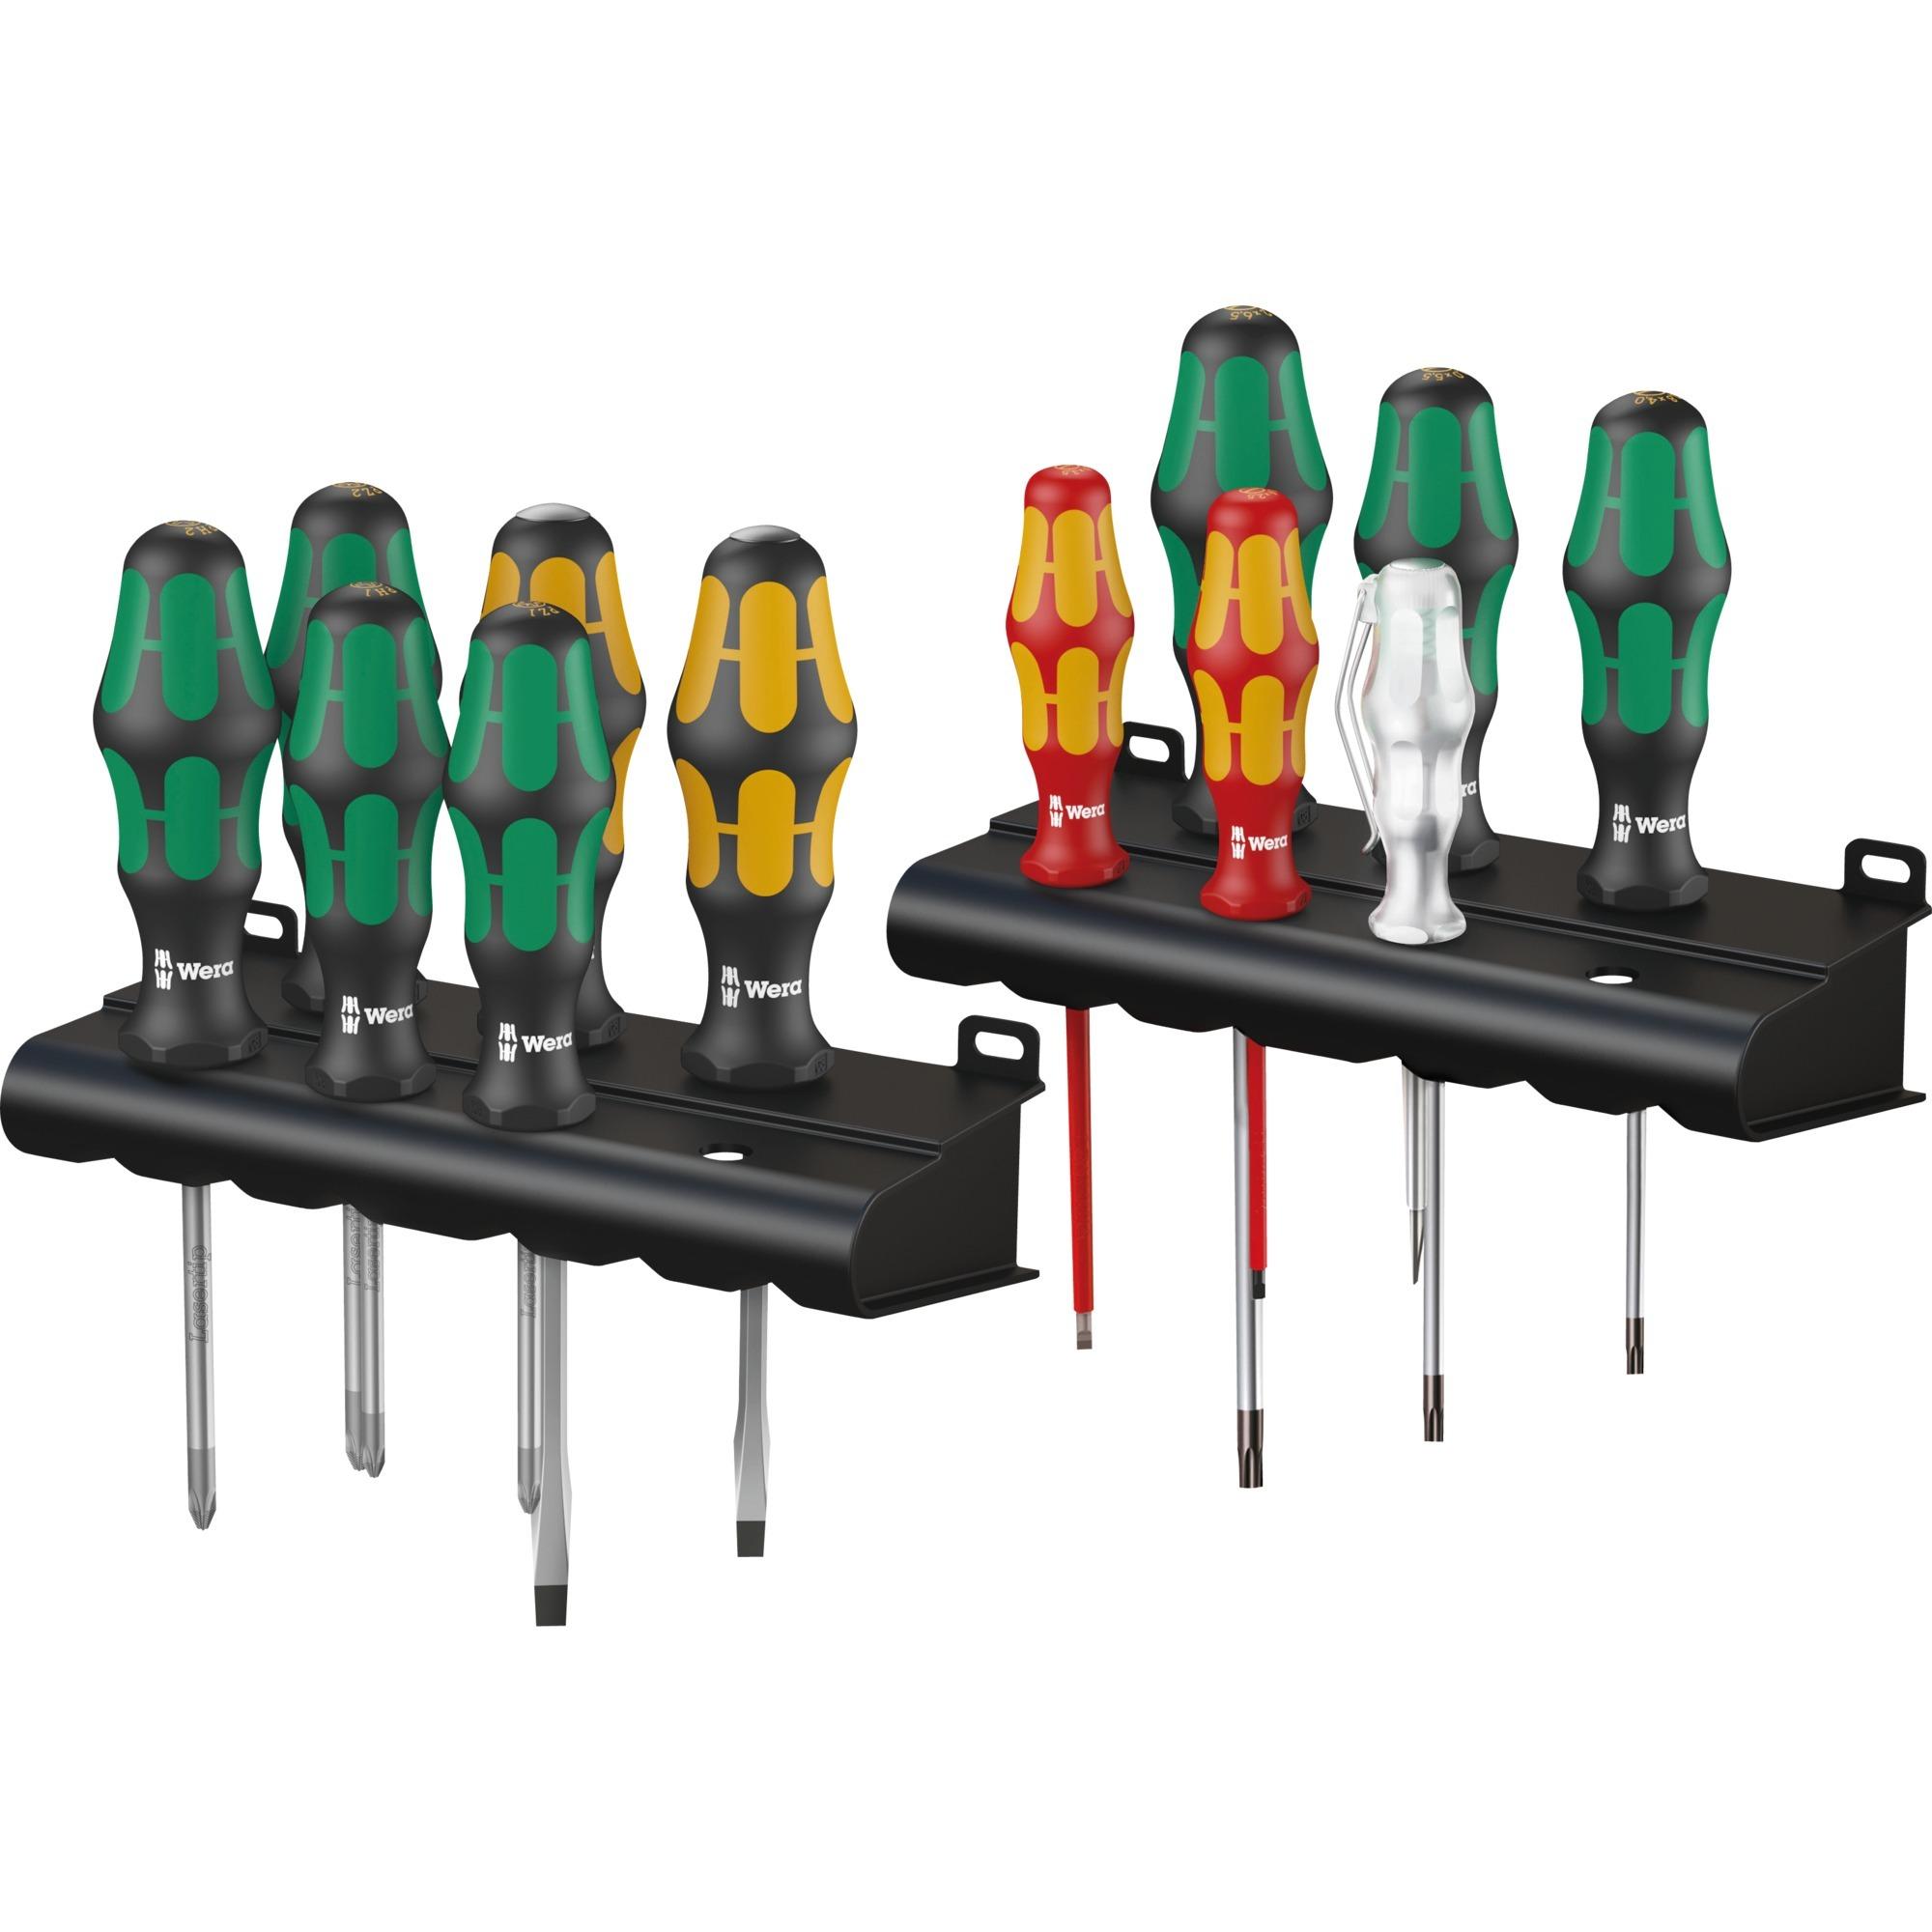 kraftform-xxl-2-skruetrakker